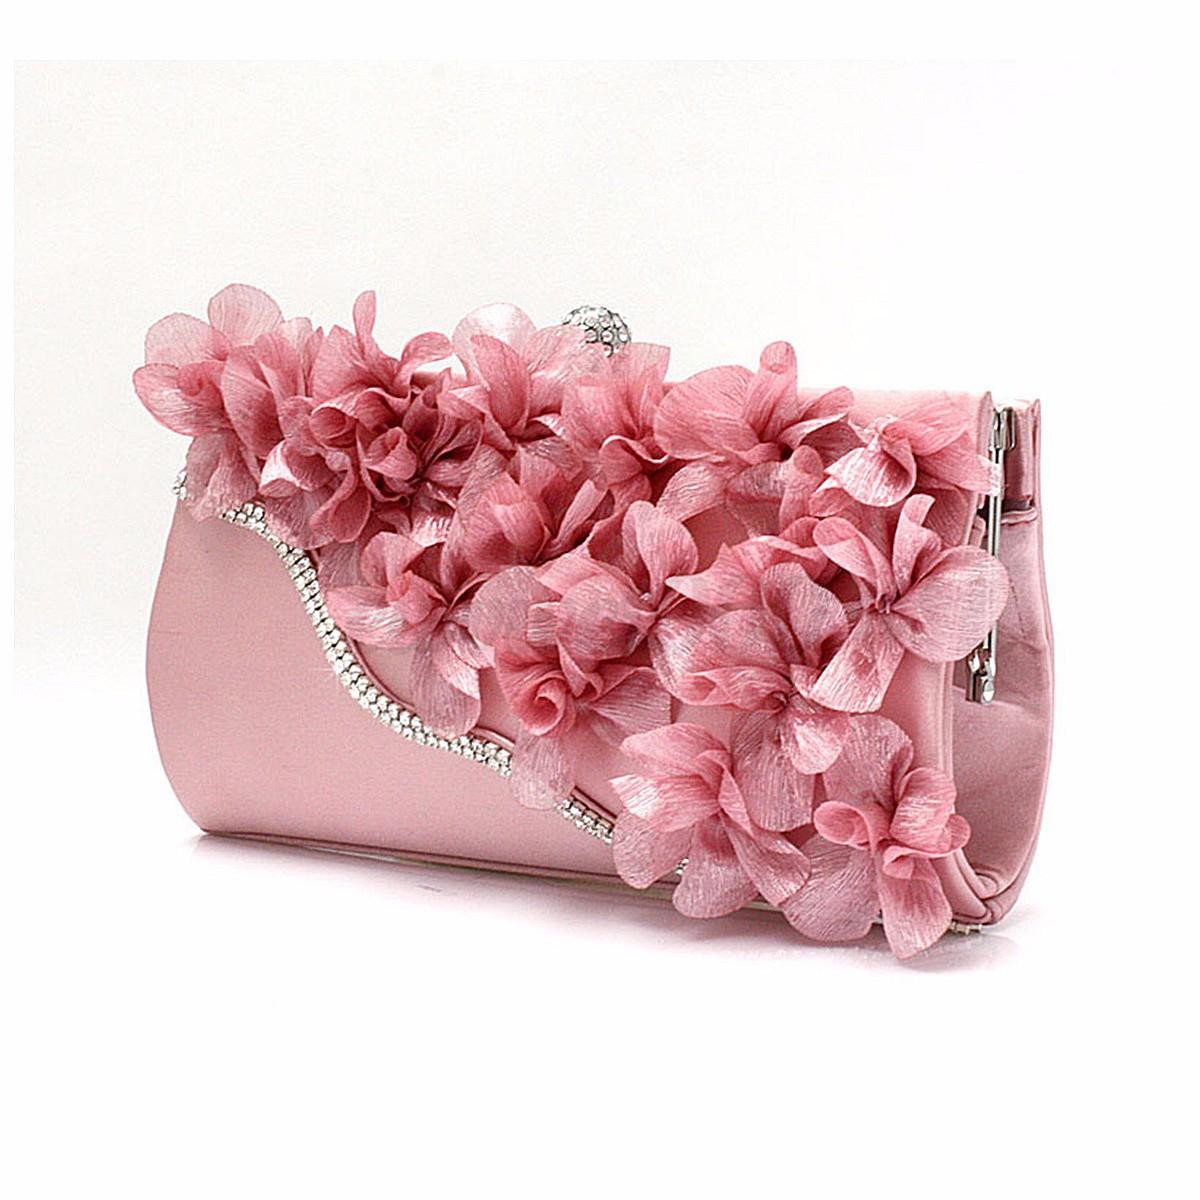 Beautiful Flower Rhinestone Evening Bag Wedding Party Prom Clutch Purse Handbag | EBay